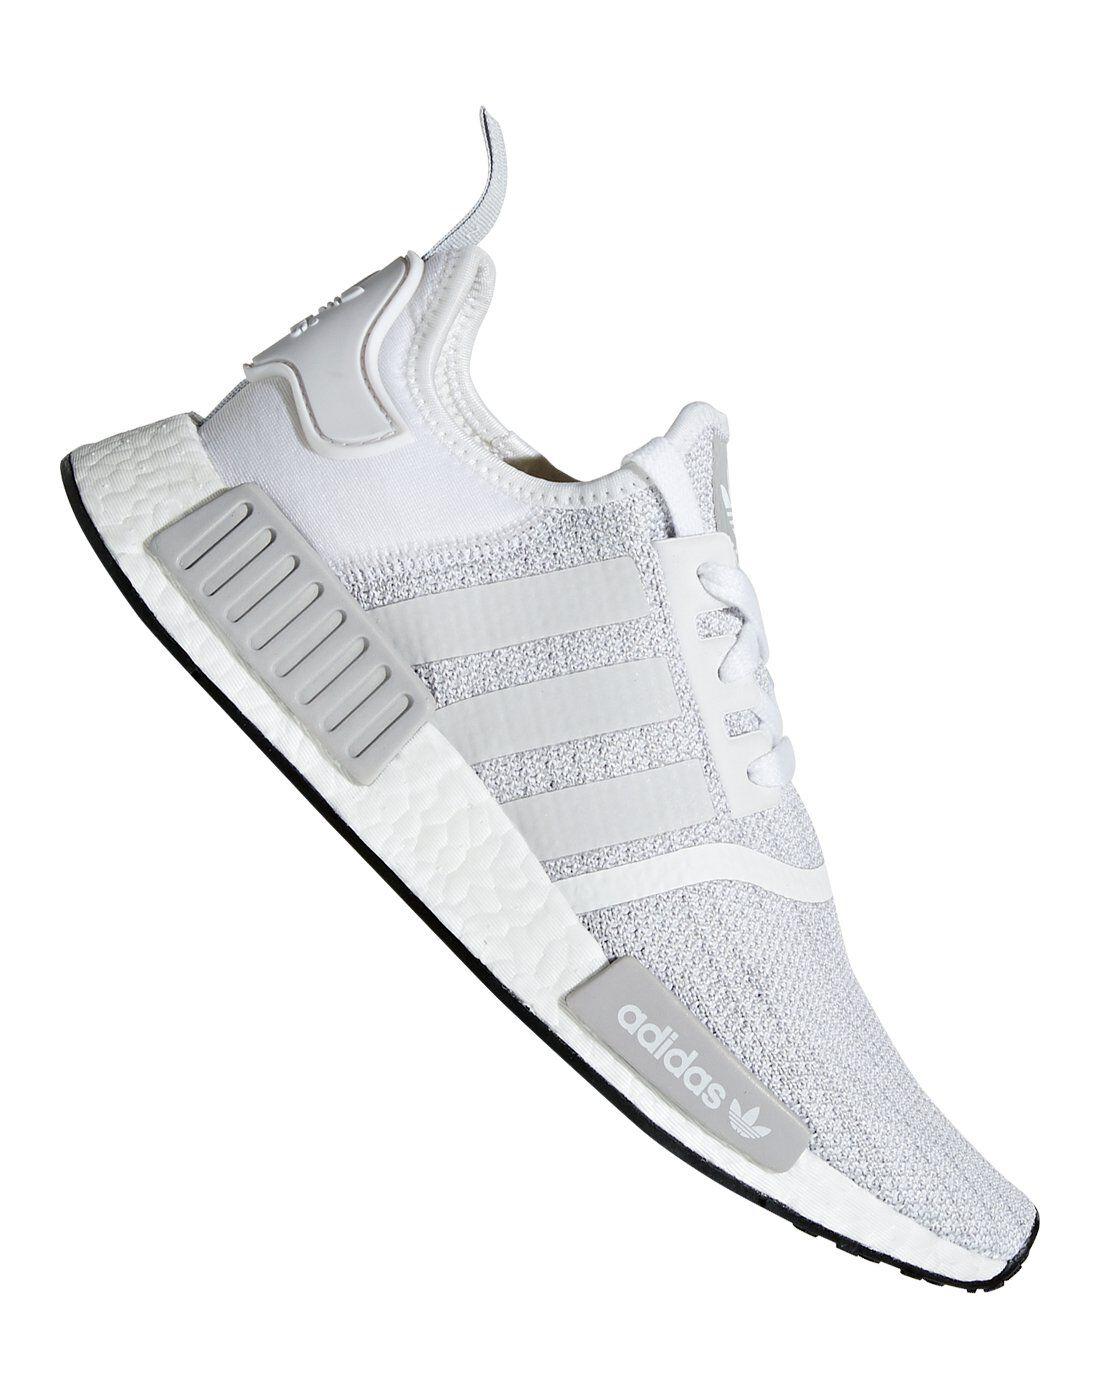 uomini è adidas originali nmd r1 bianco di stile di vita, sport